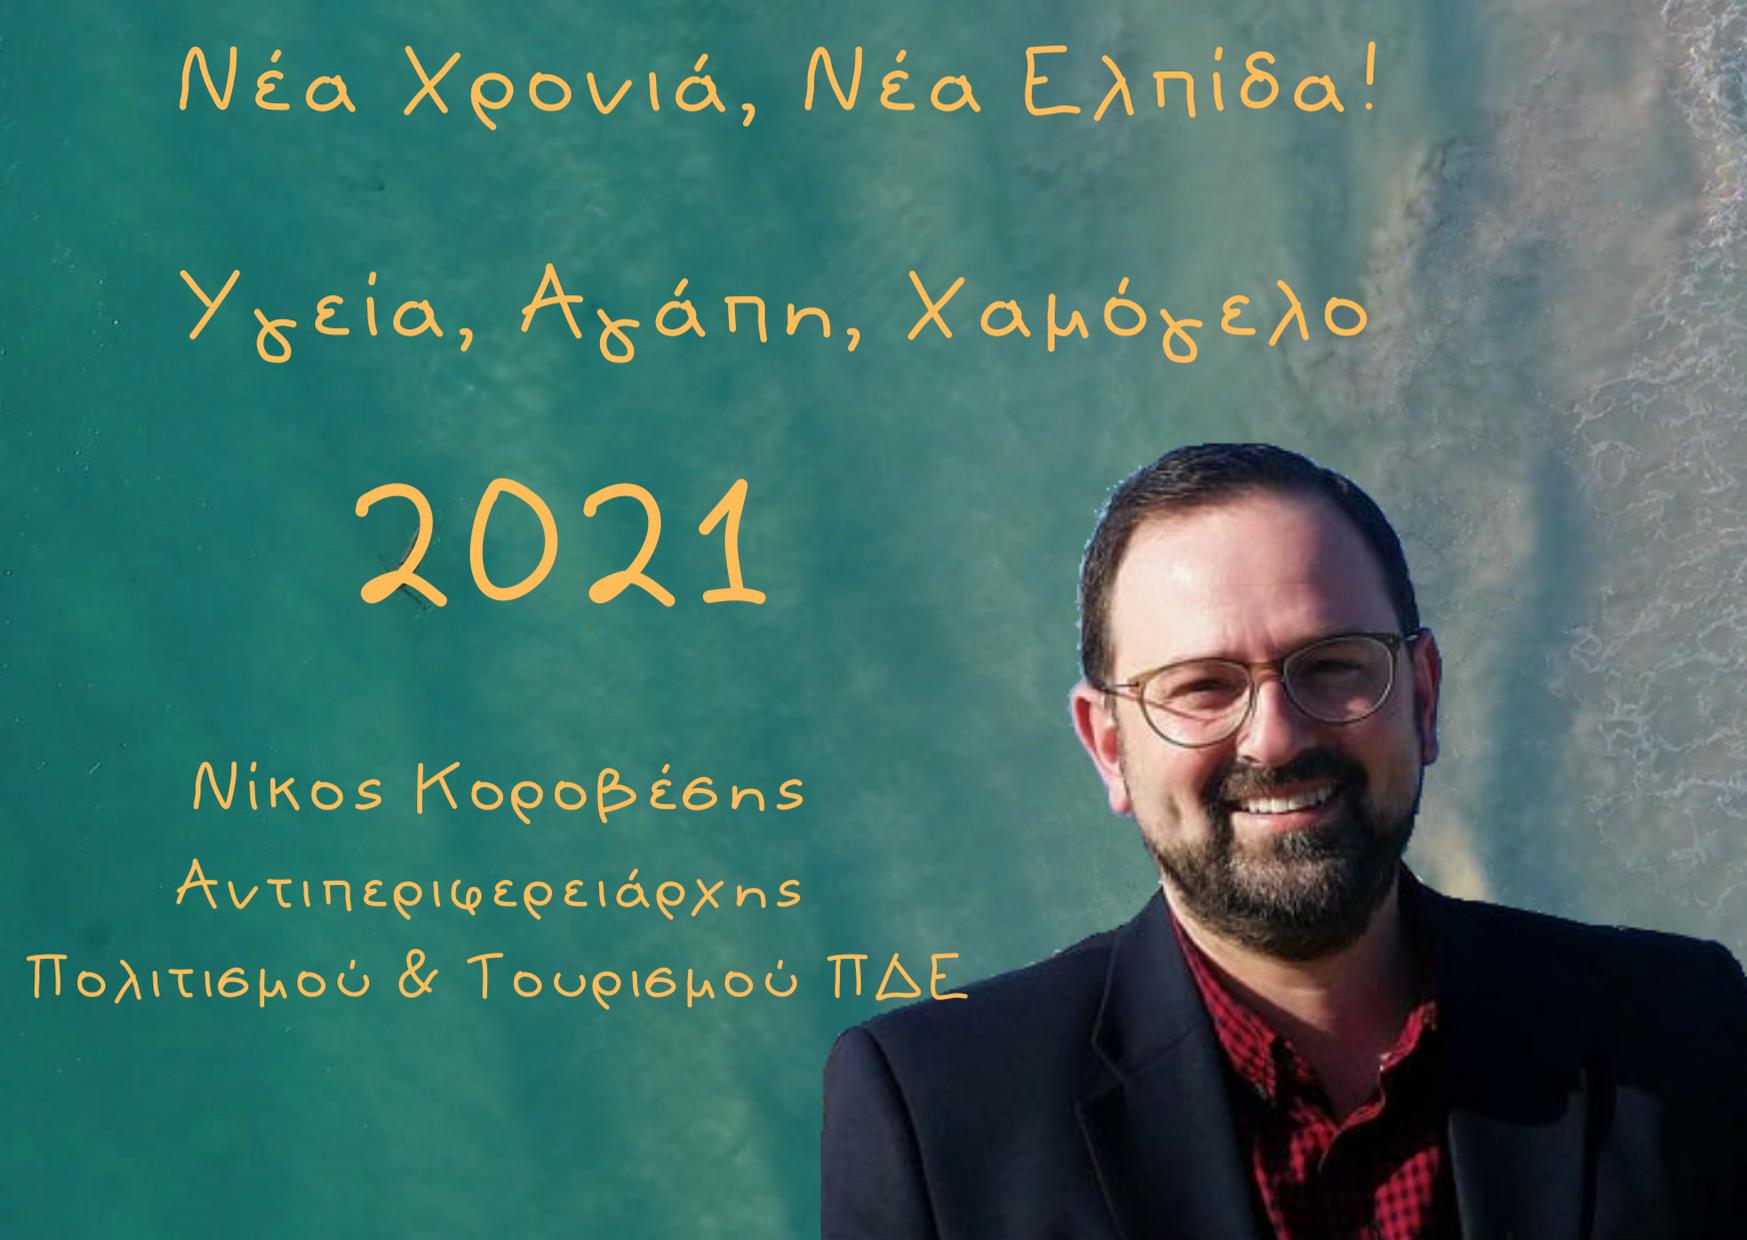 Ευχές για το νέο έτος από τον Αντιπεριφερειάρχη Πολιτισμού & Τουρισμού ΠΔΕΝίκο Κοροβέση